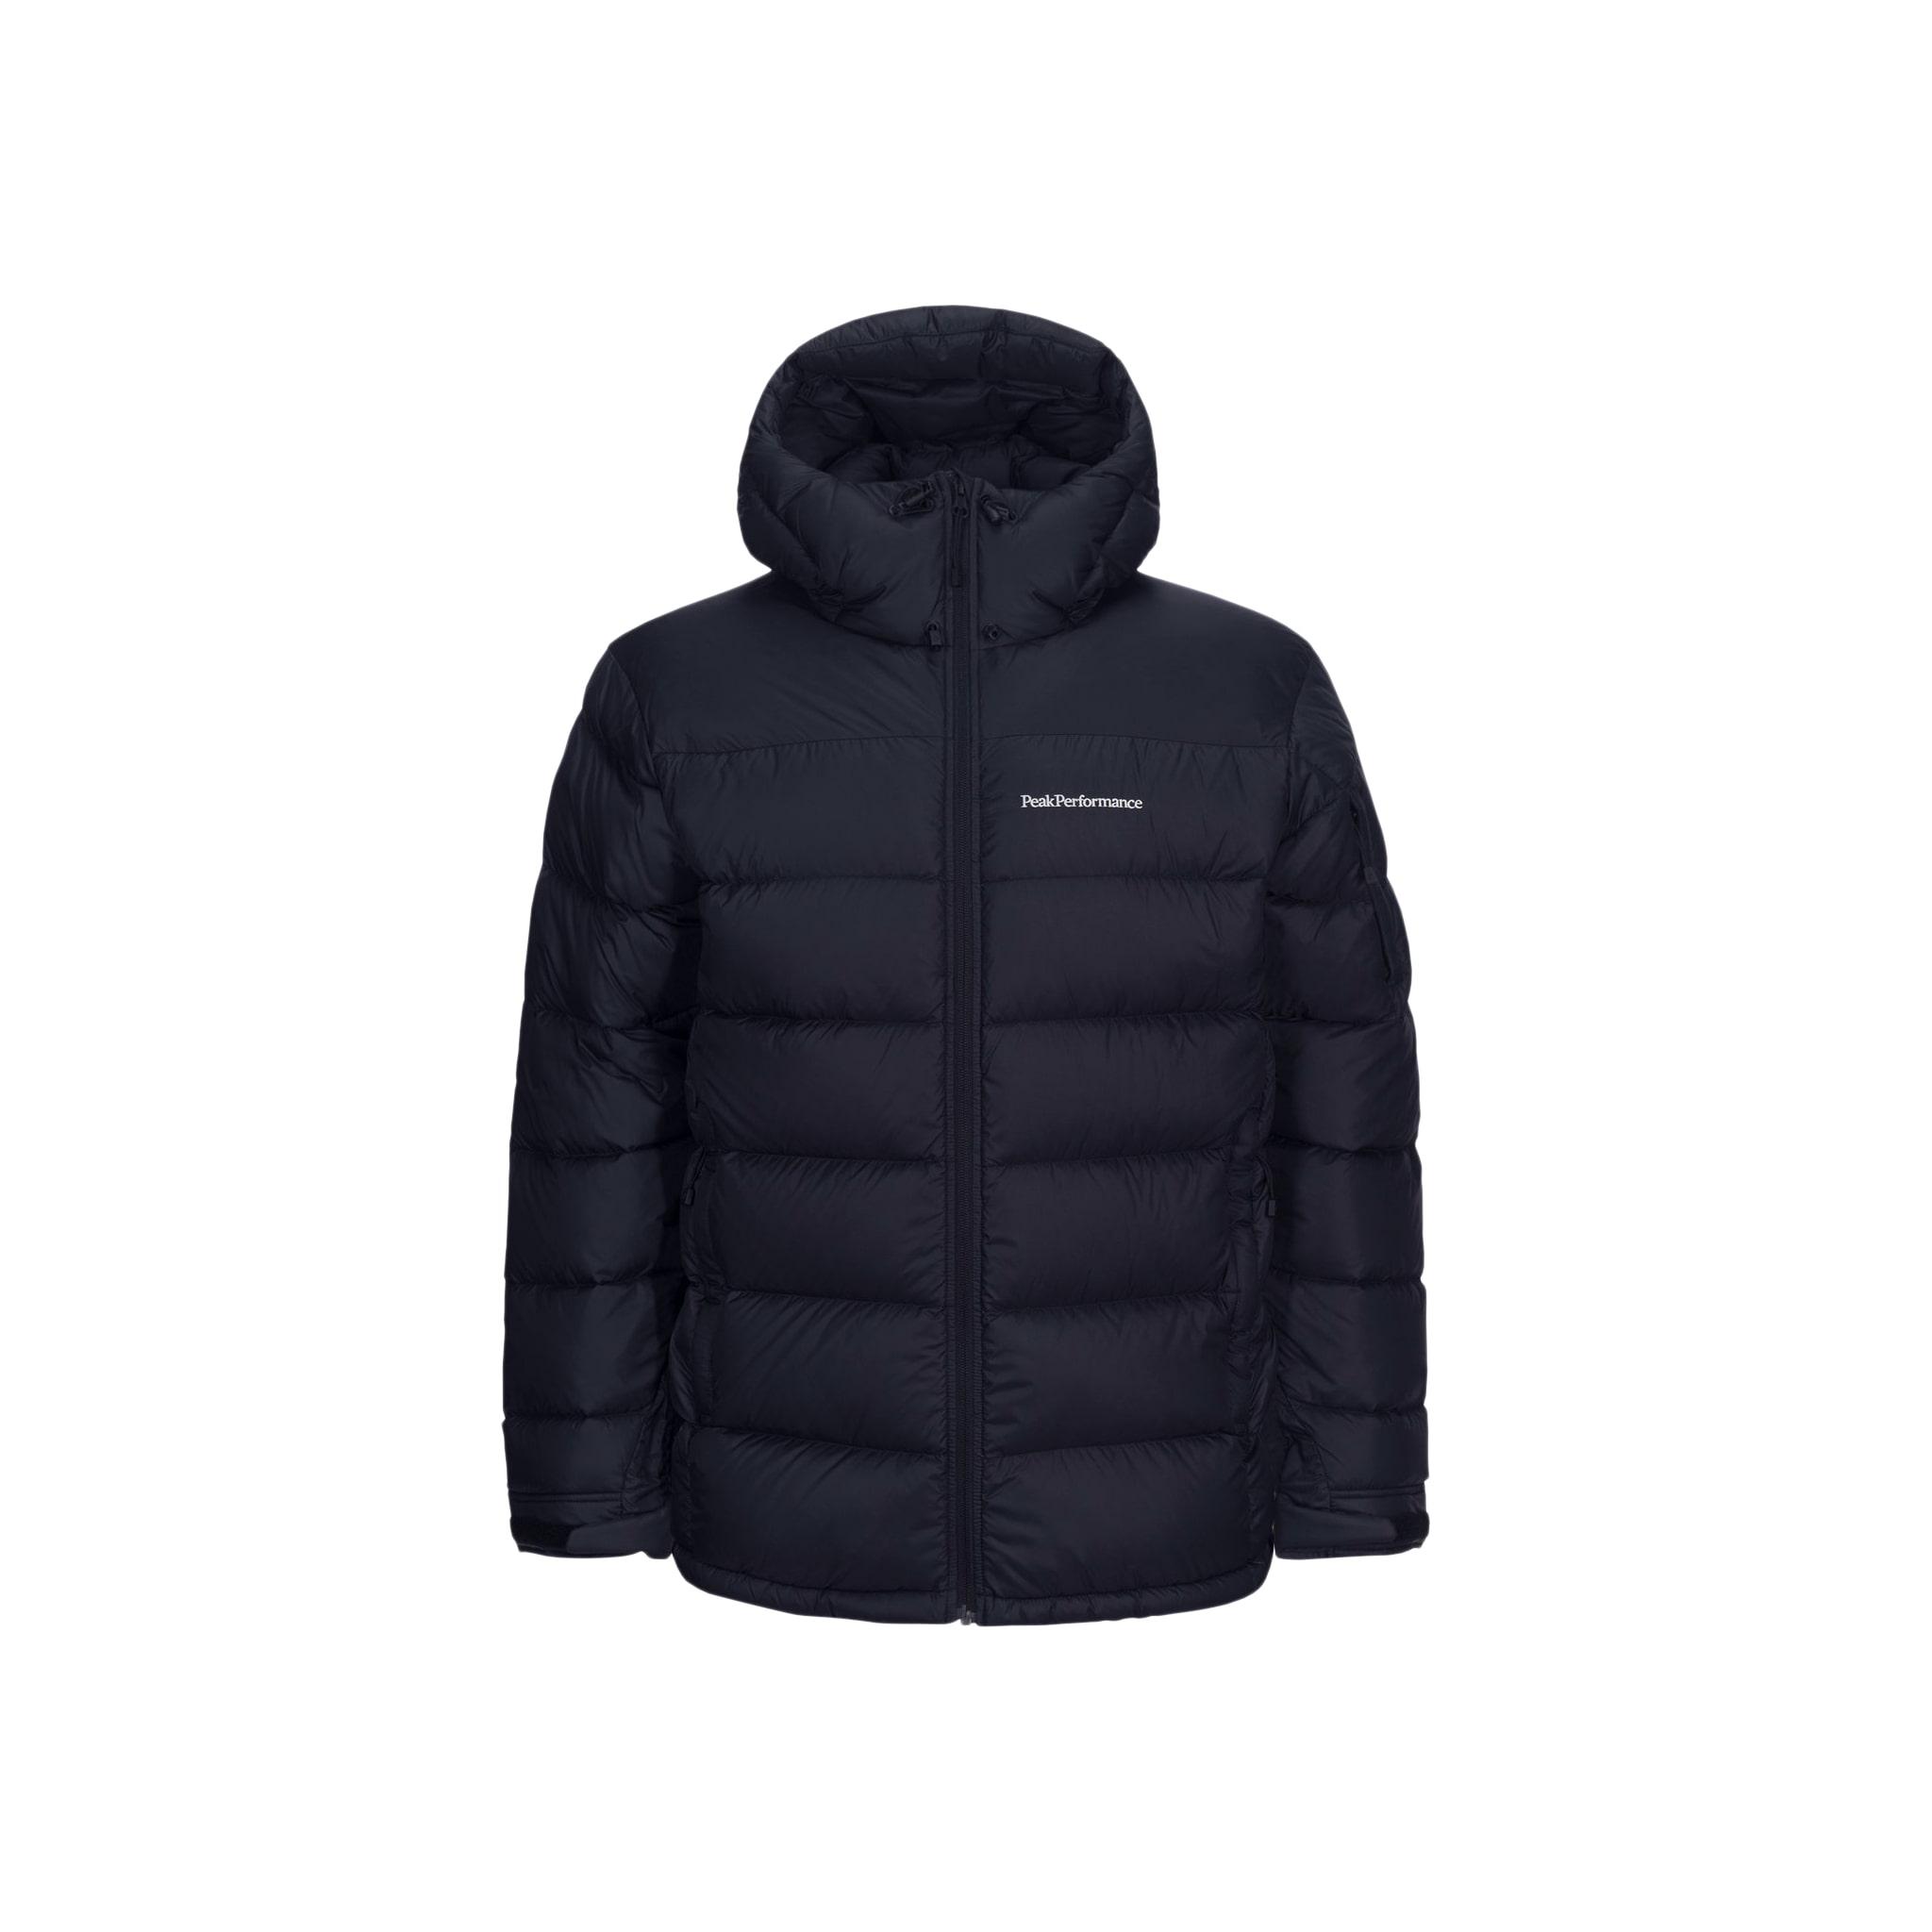 En lett og myk jakke som er en ren glede å ha på seg